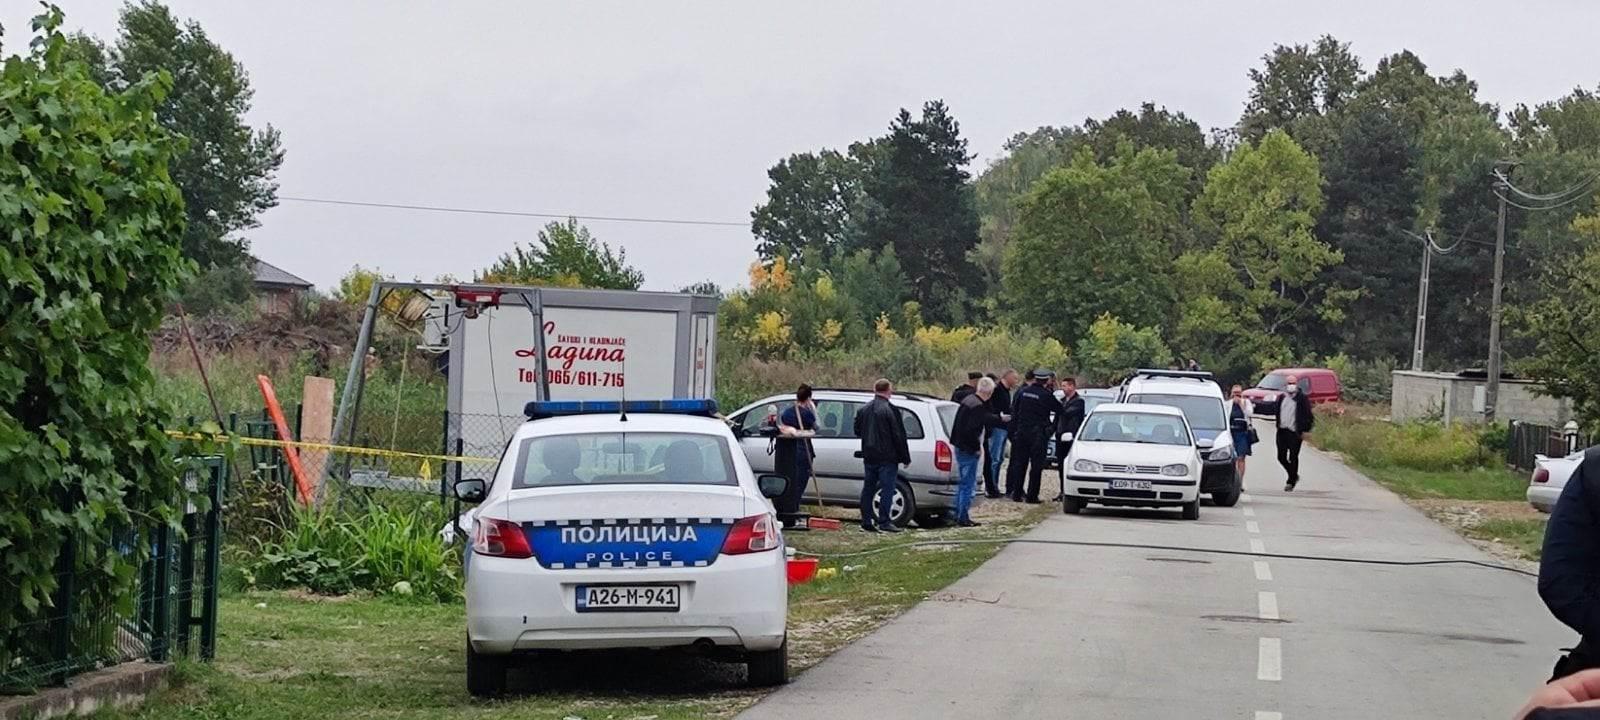 Policija na mjestu pogibije u Modriči